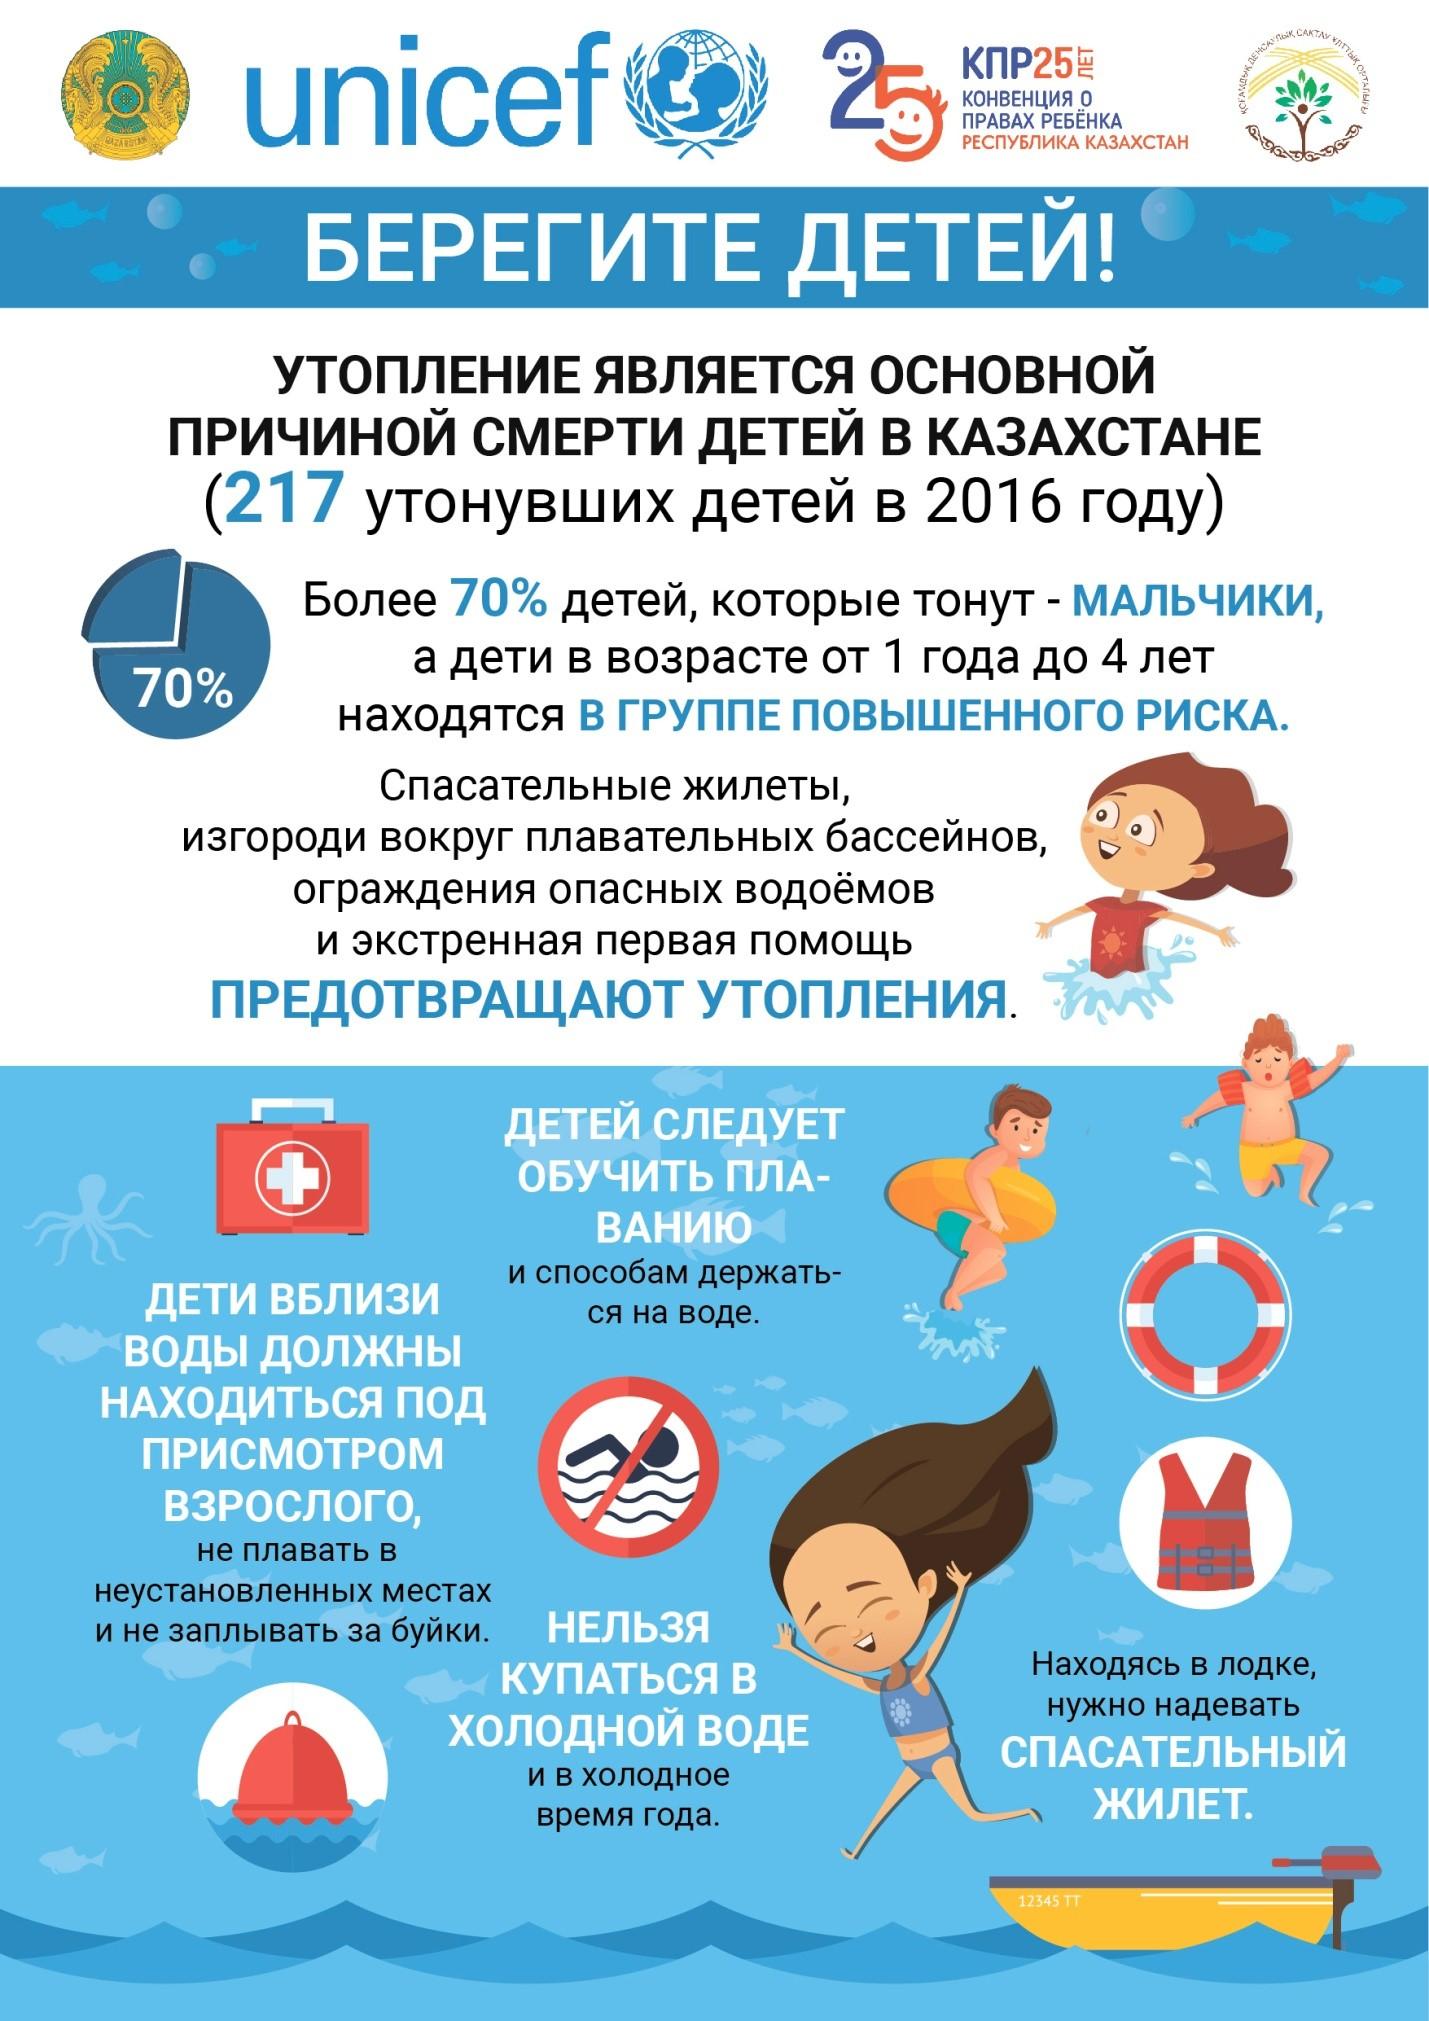 Национальный центр общественного здравохранения: как обезопасить детей  от  утопления в летний период?